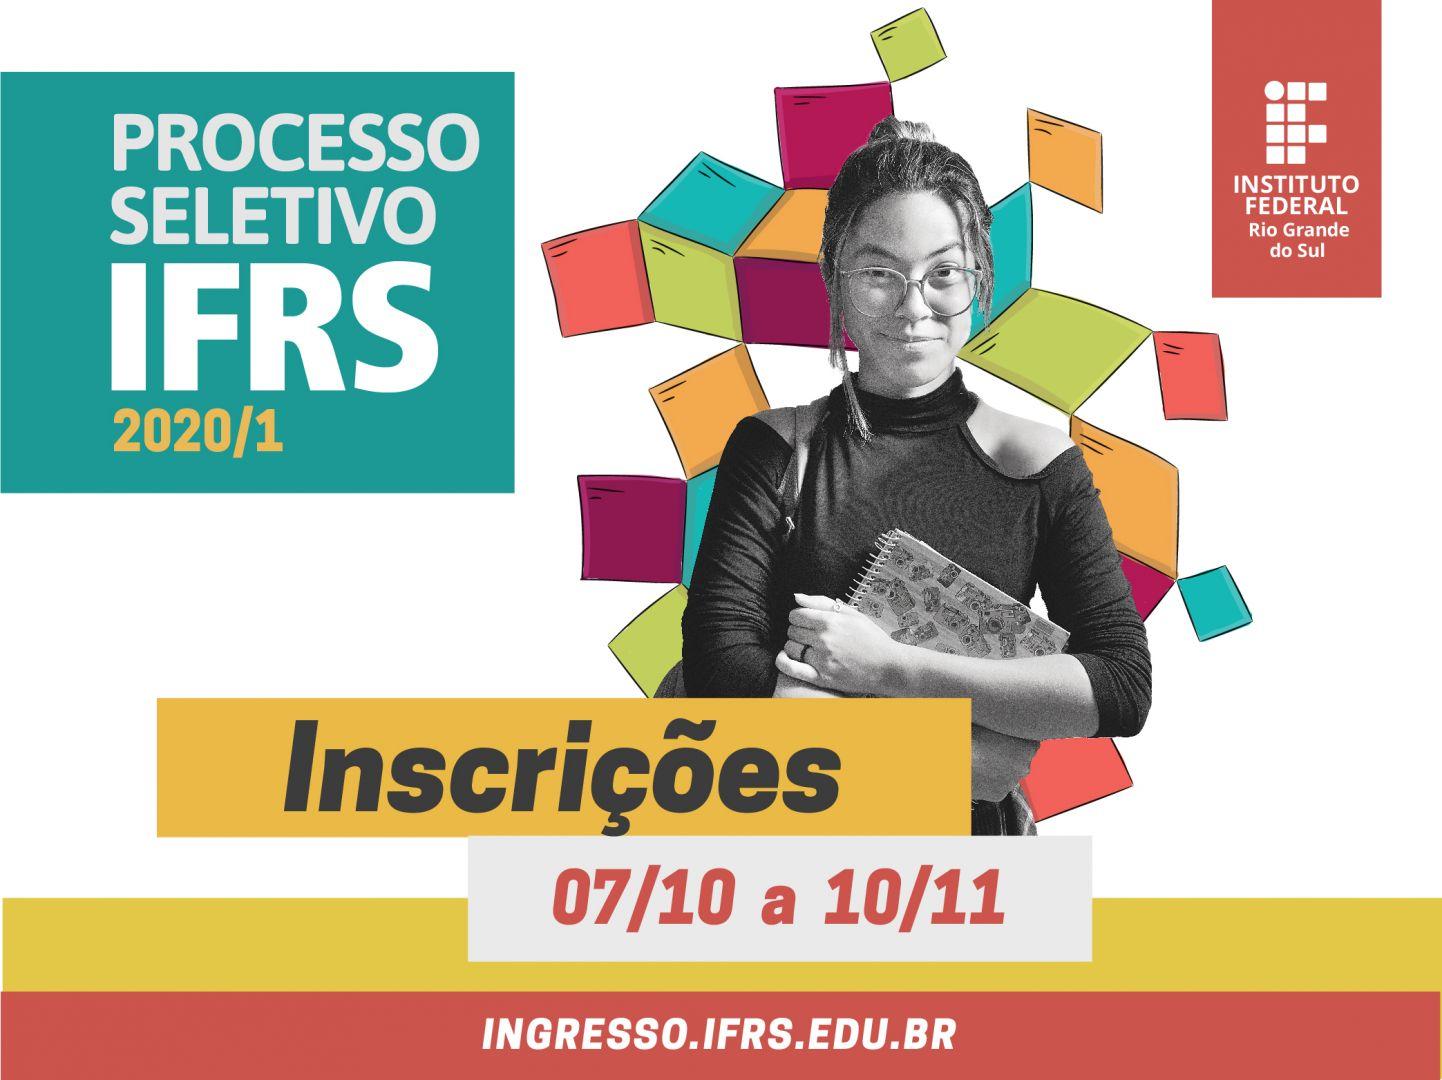 Informações textuais Processo Seletivo IFRS 2020/1, Inscrições 07/10 a 10/11, ingresso.ifrs.edu.br, a marca do IFRS e foto de uma jovem segurando um caderno